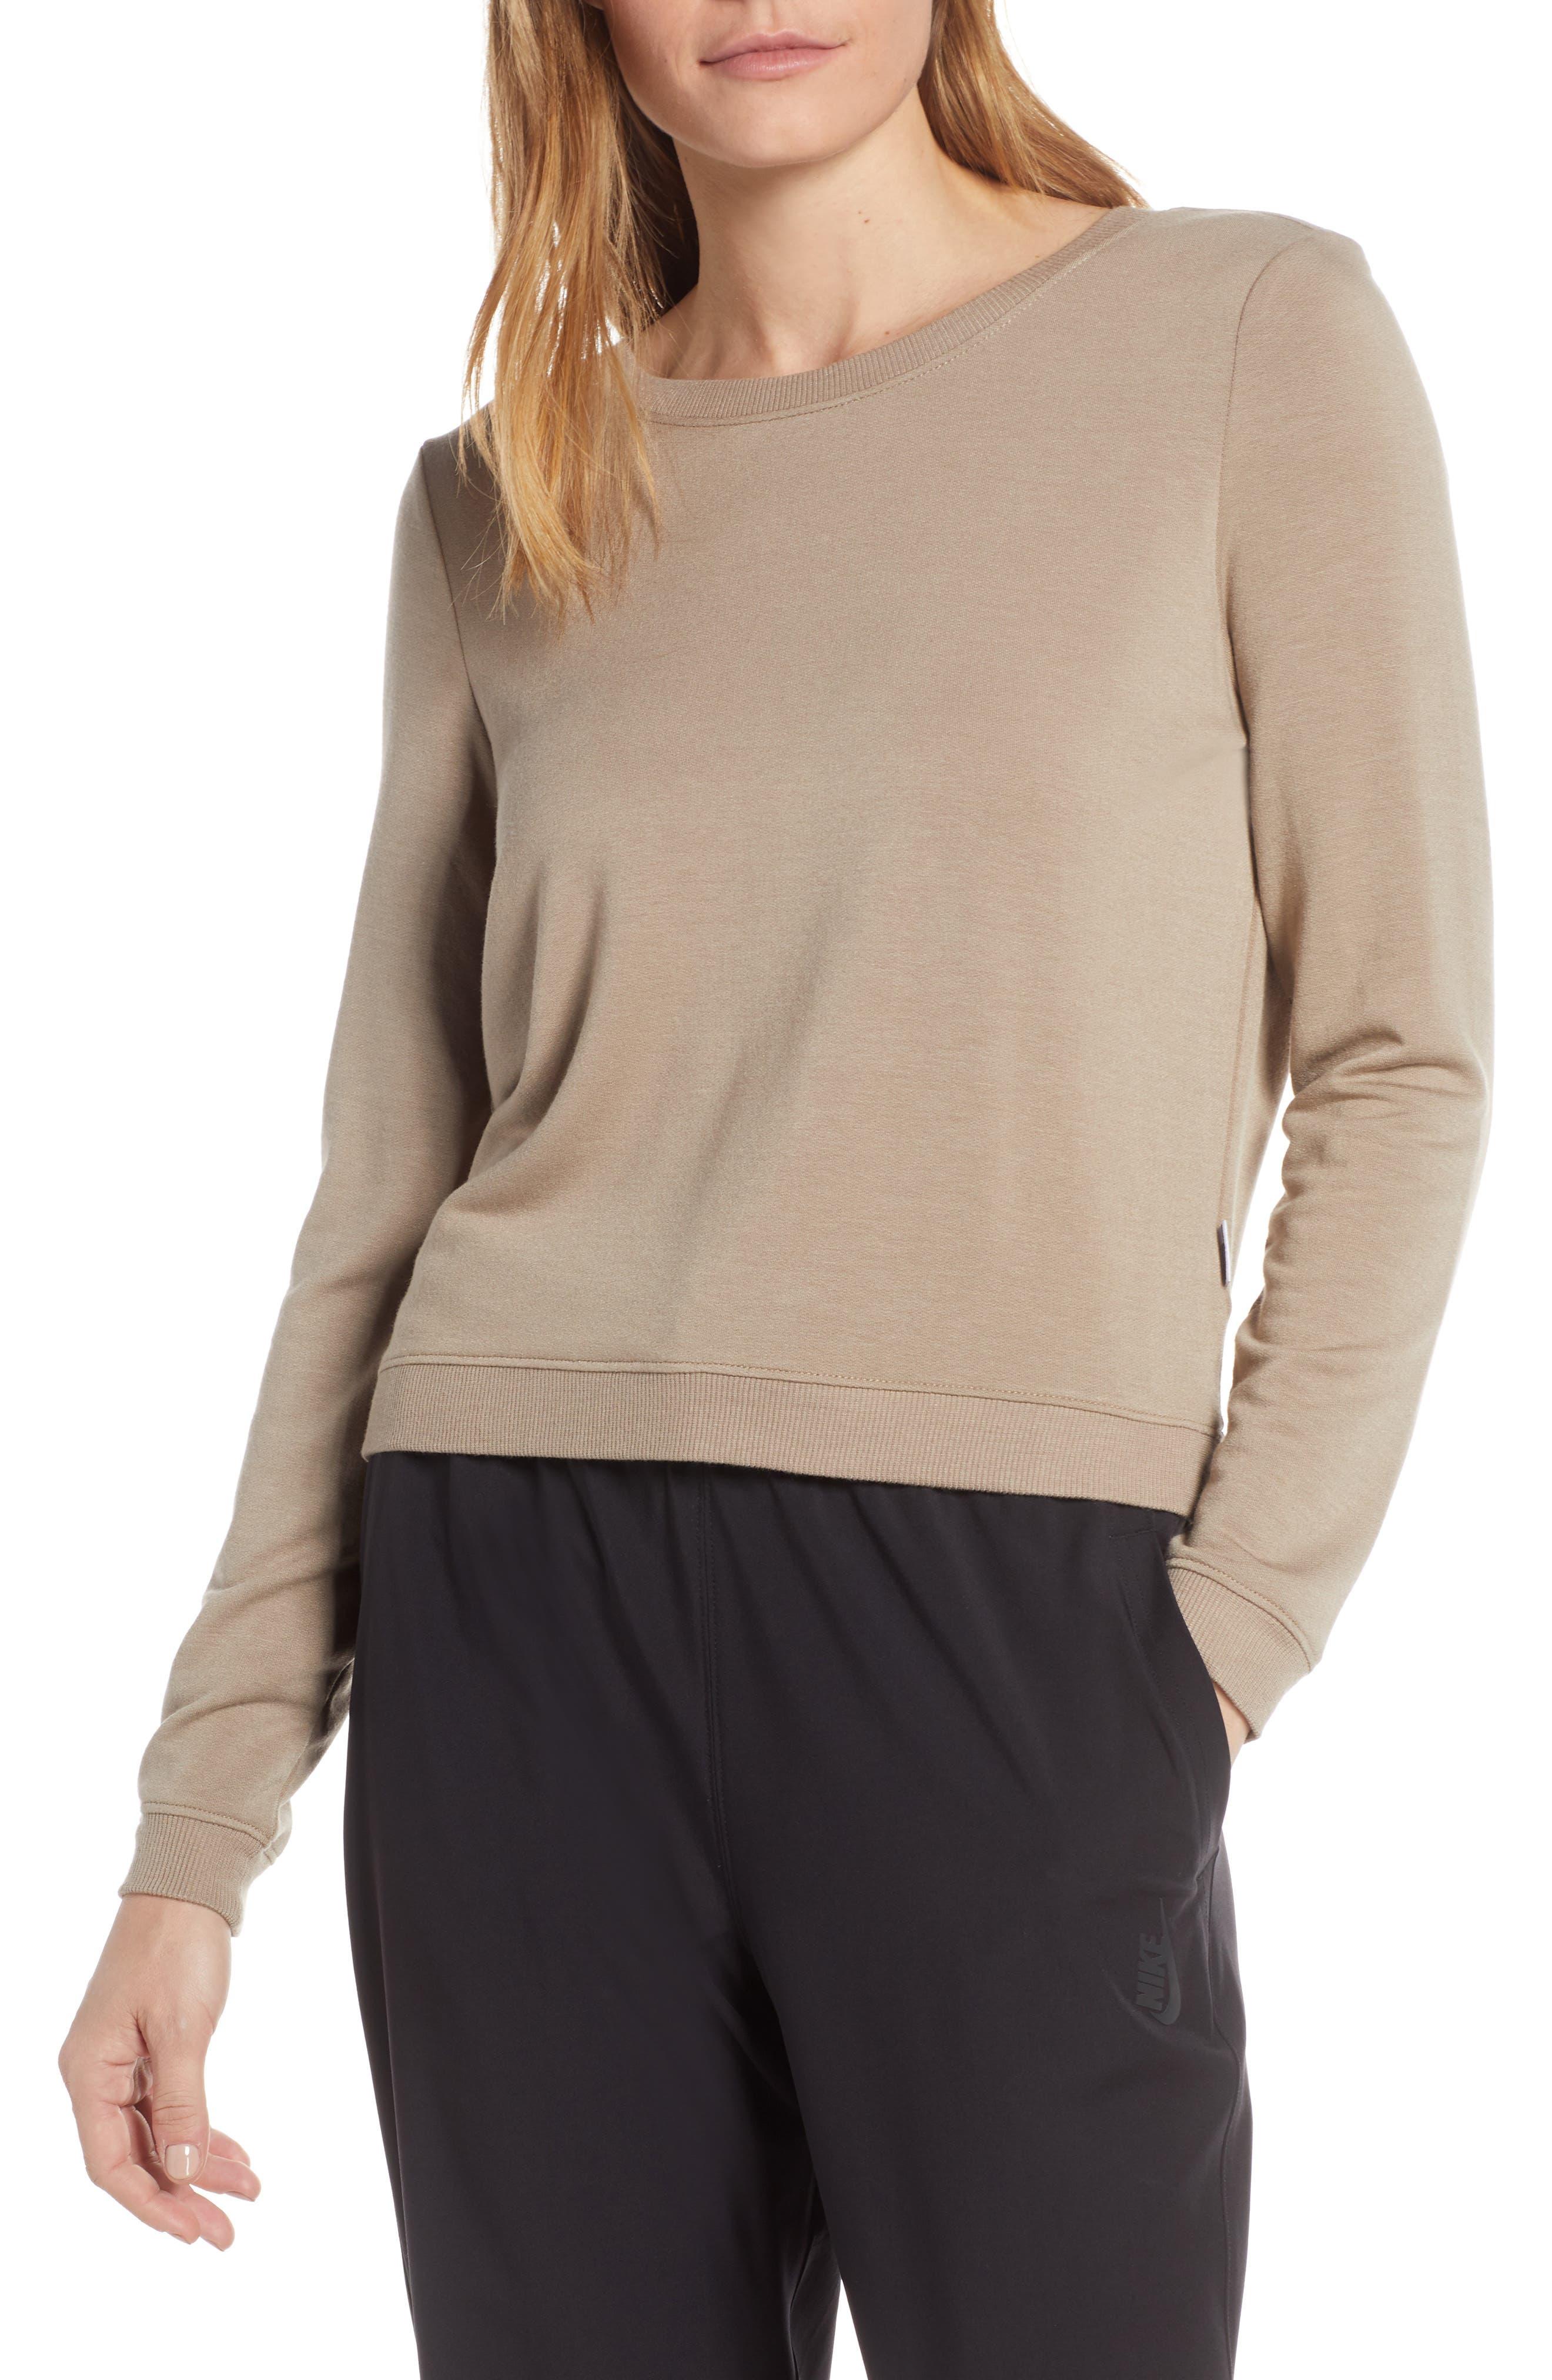 Image of Good American Plunge Back Sweatshirt